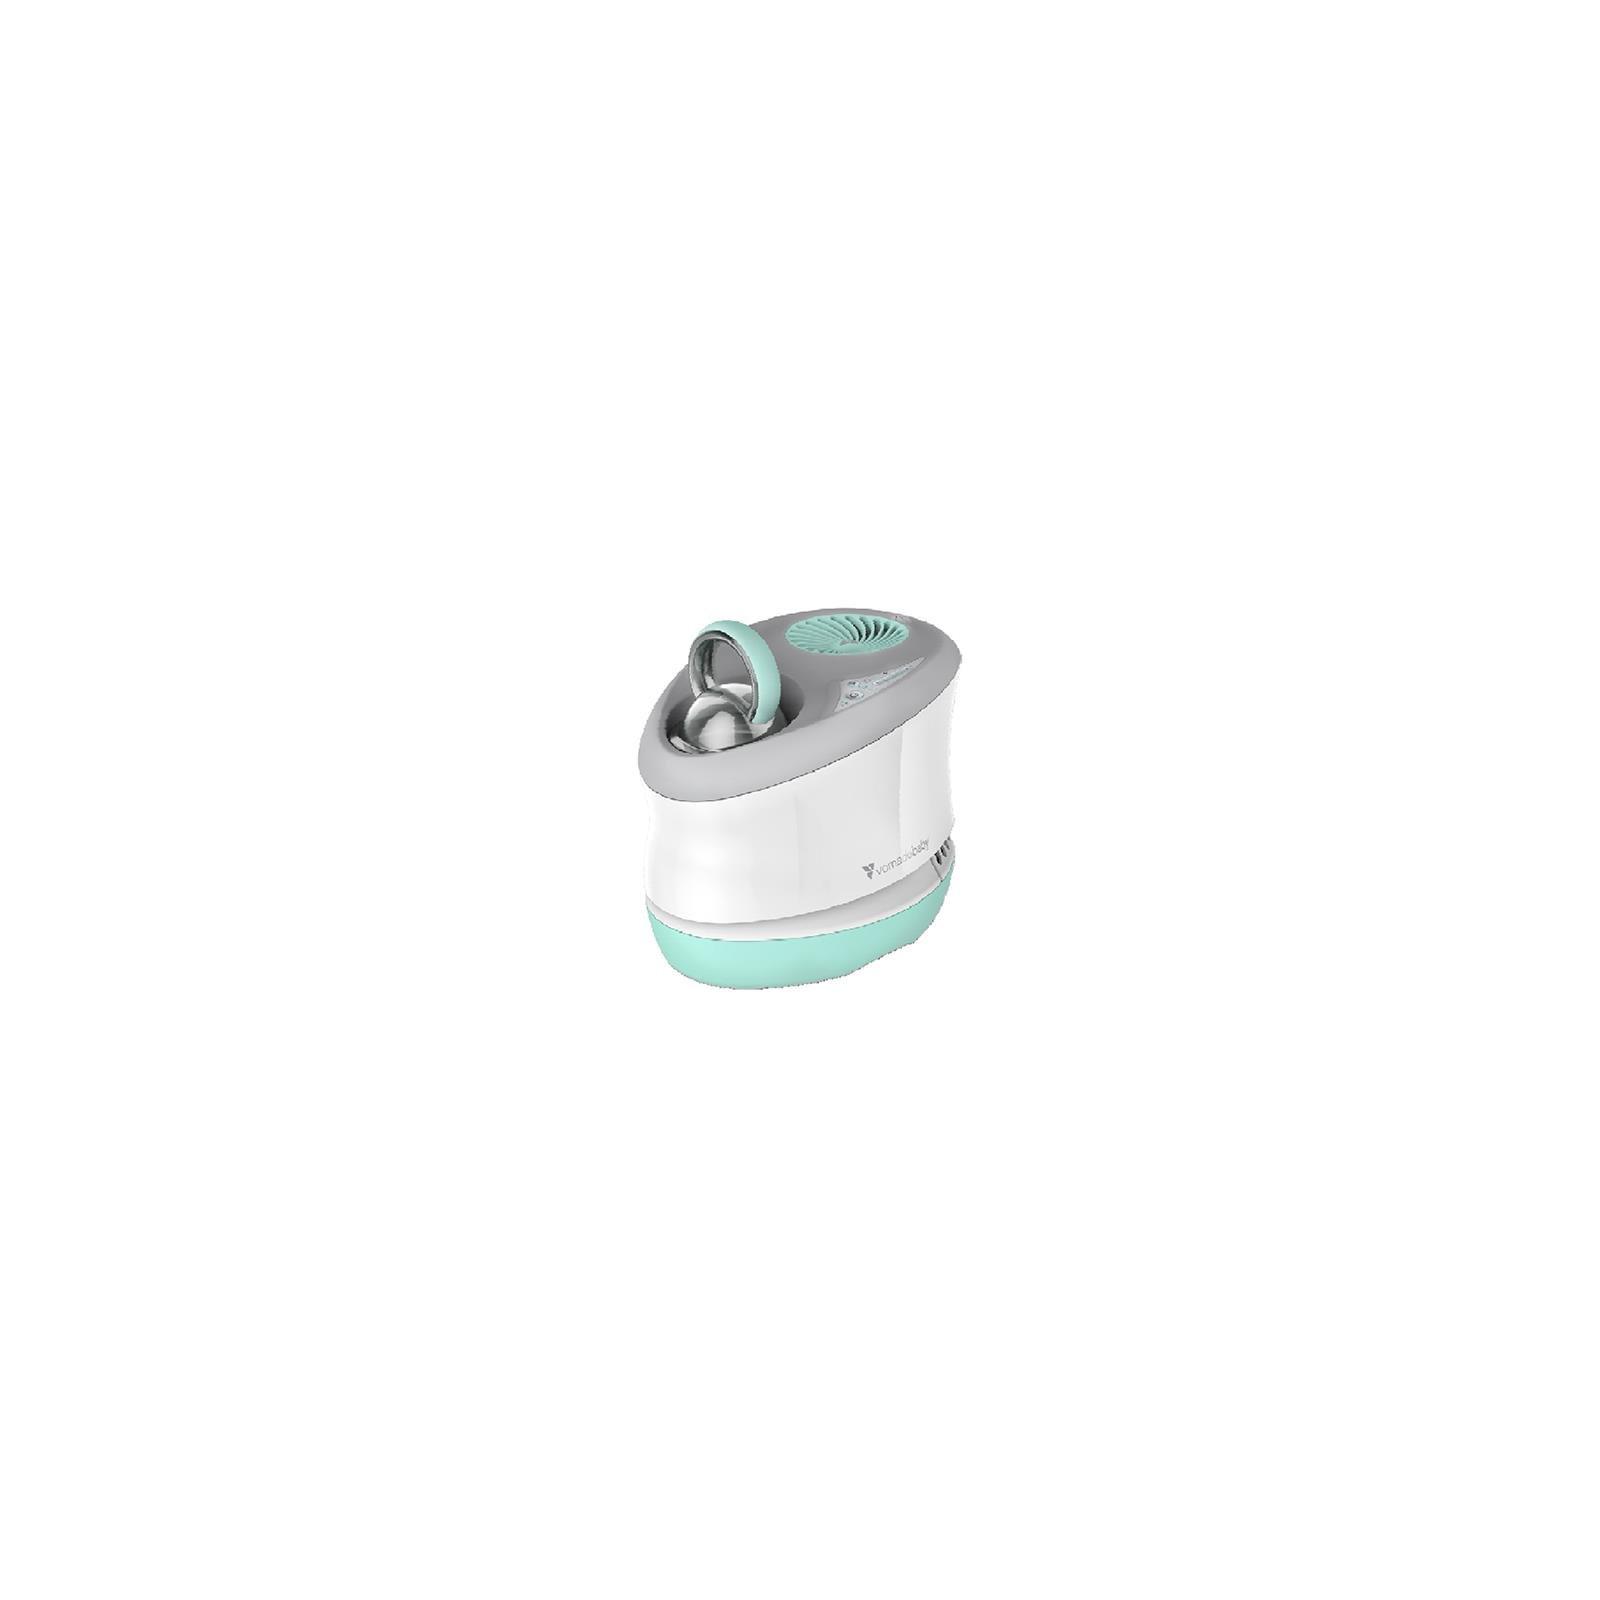 Huey Baby Humidifier Wht